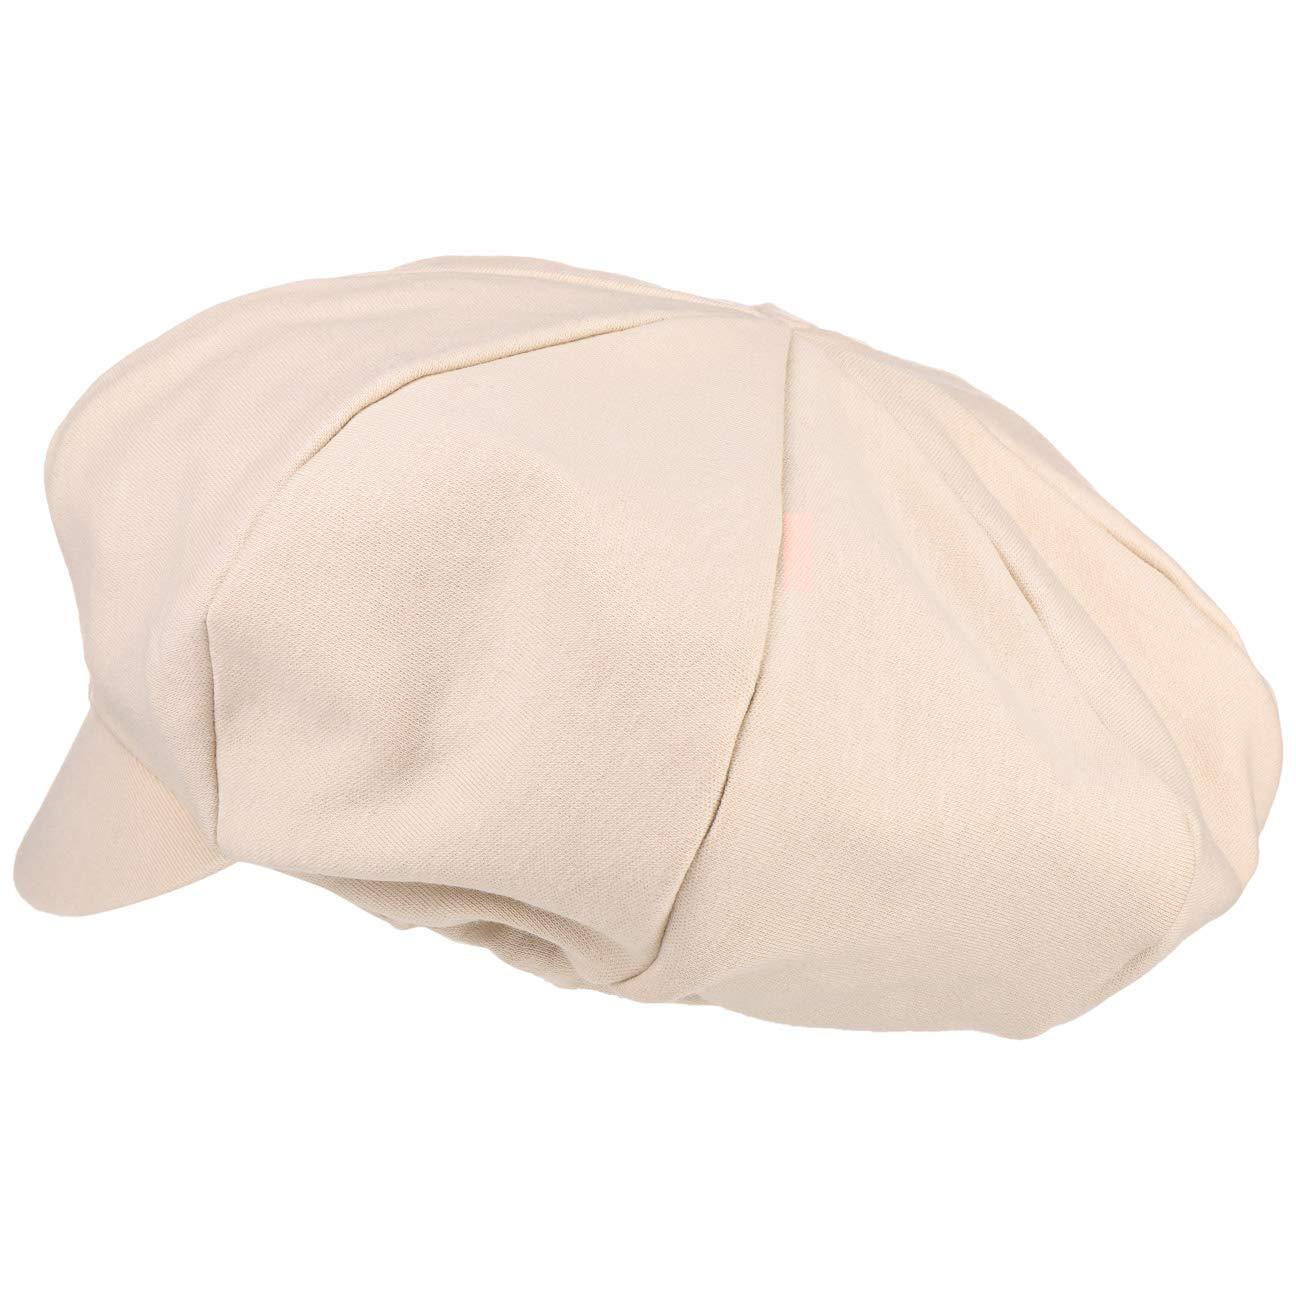 Bedacht Anti-Allergic Ballonm/ütze Baumwollcap Damencap Baker-Boy-M/ütze Mit Schirm